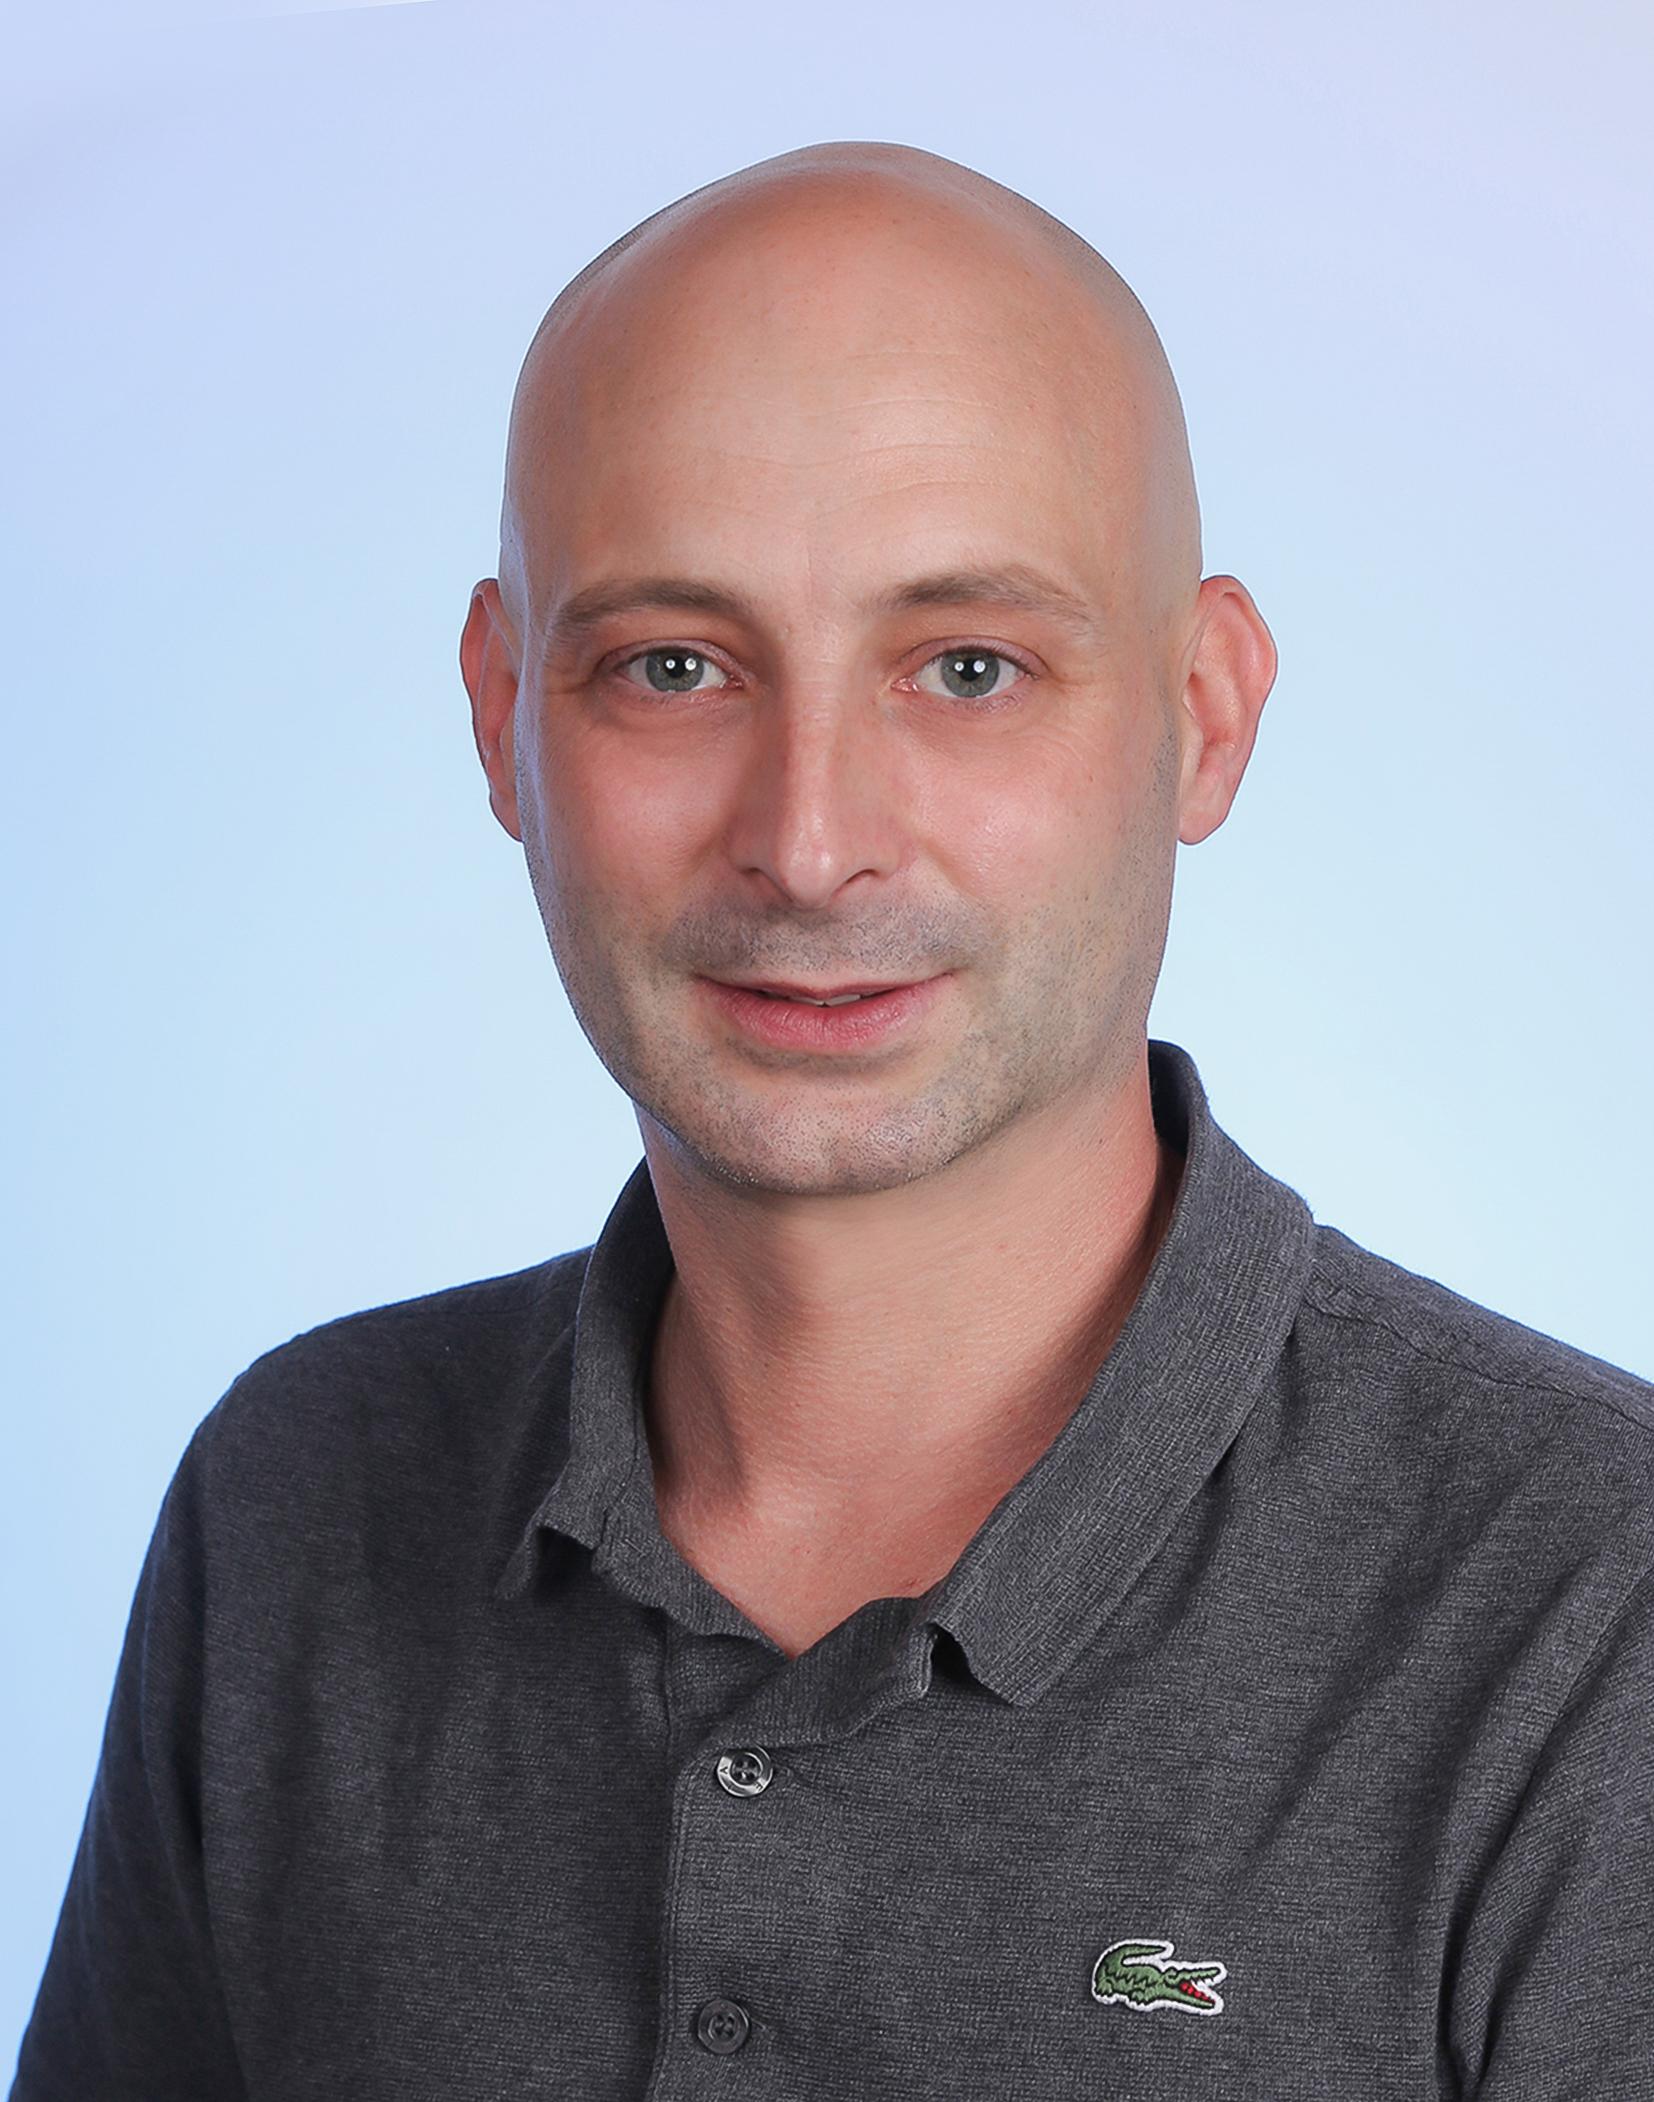 Michael Malecek